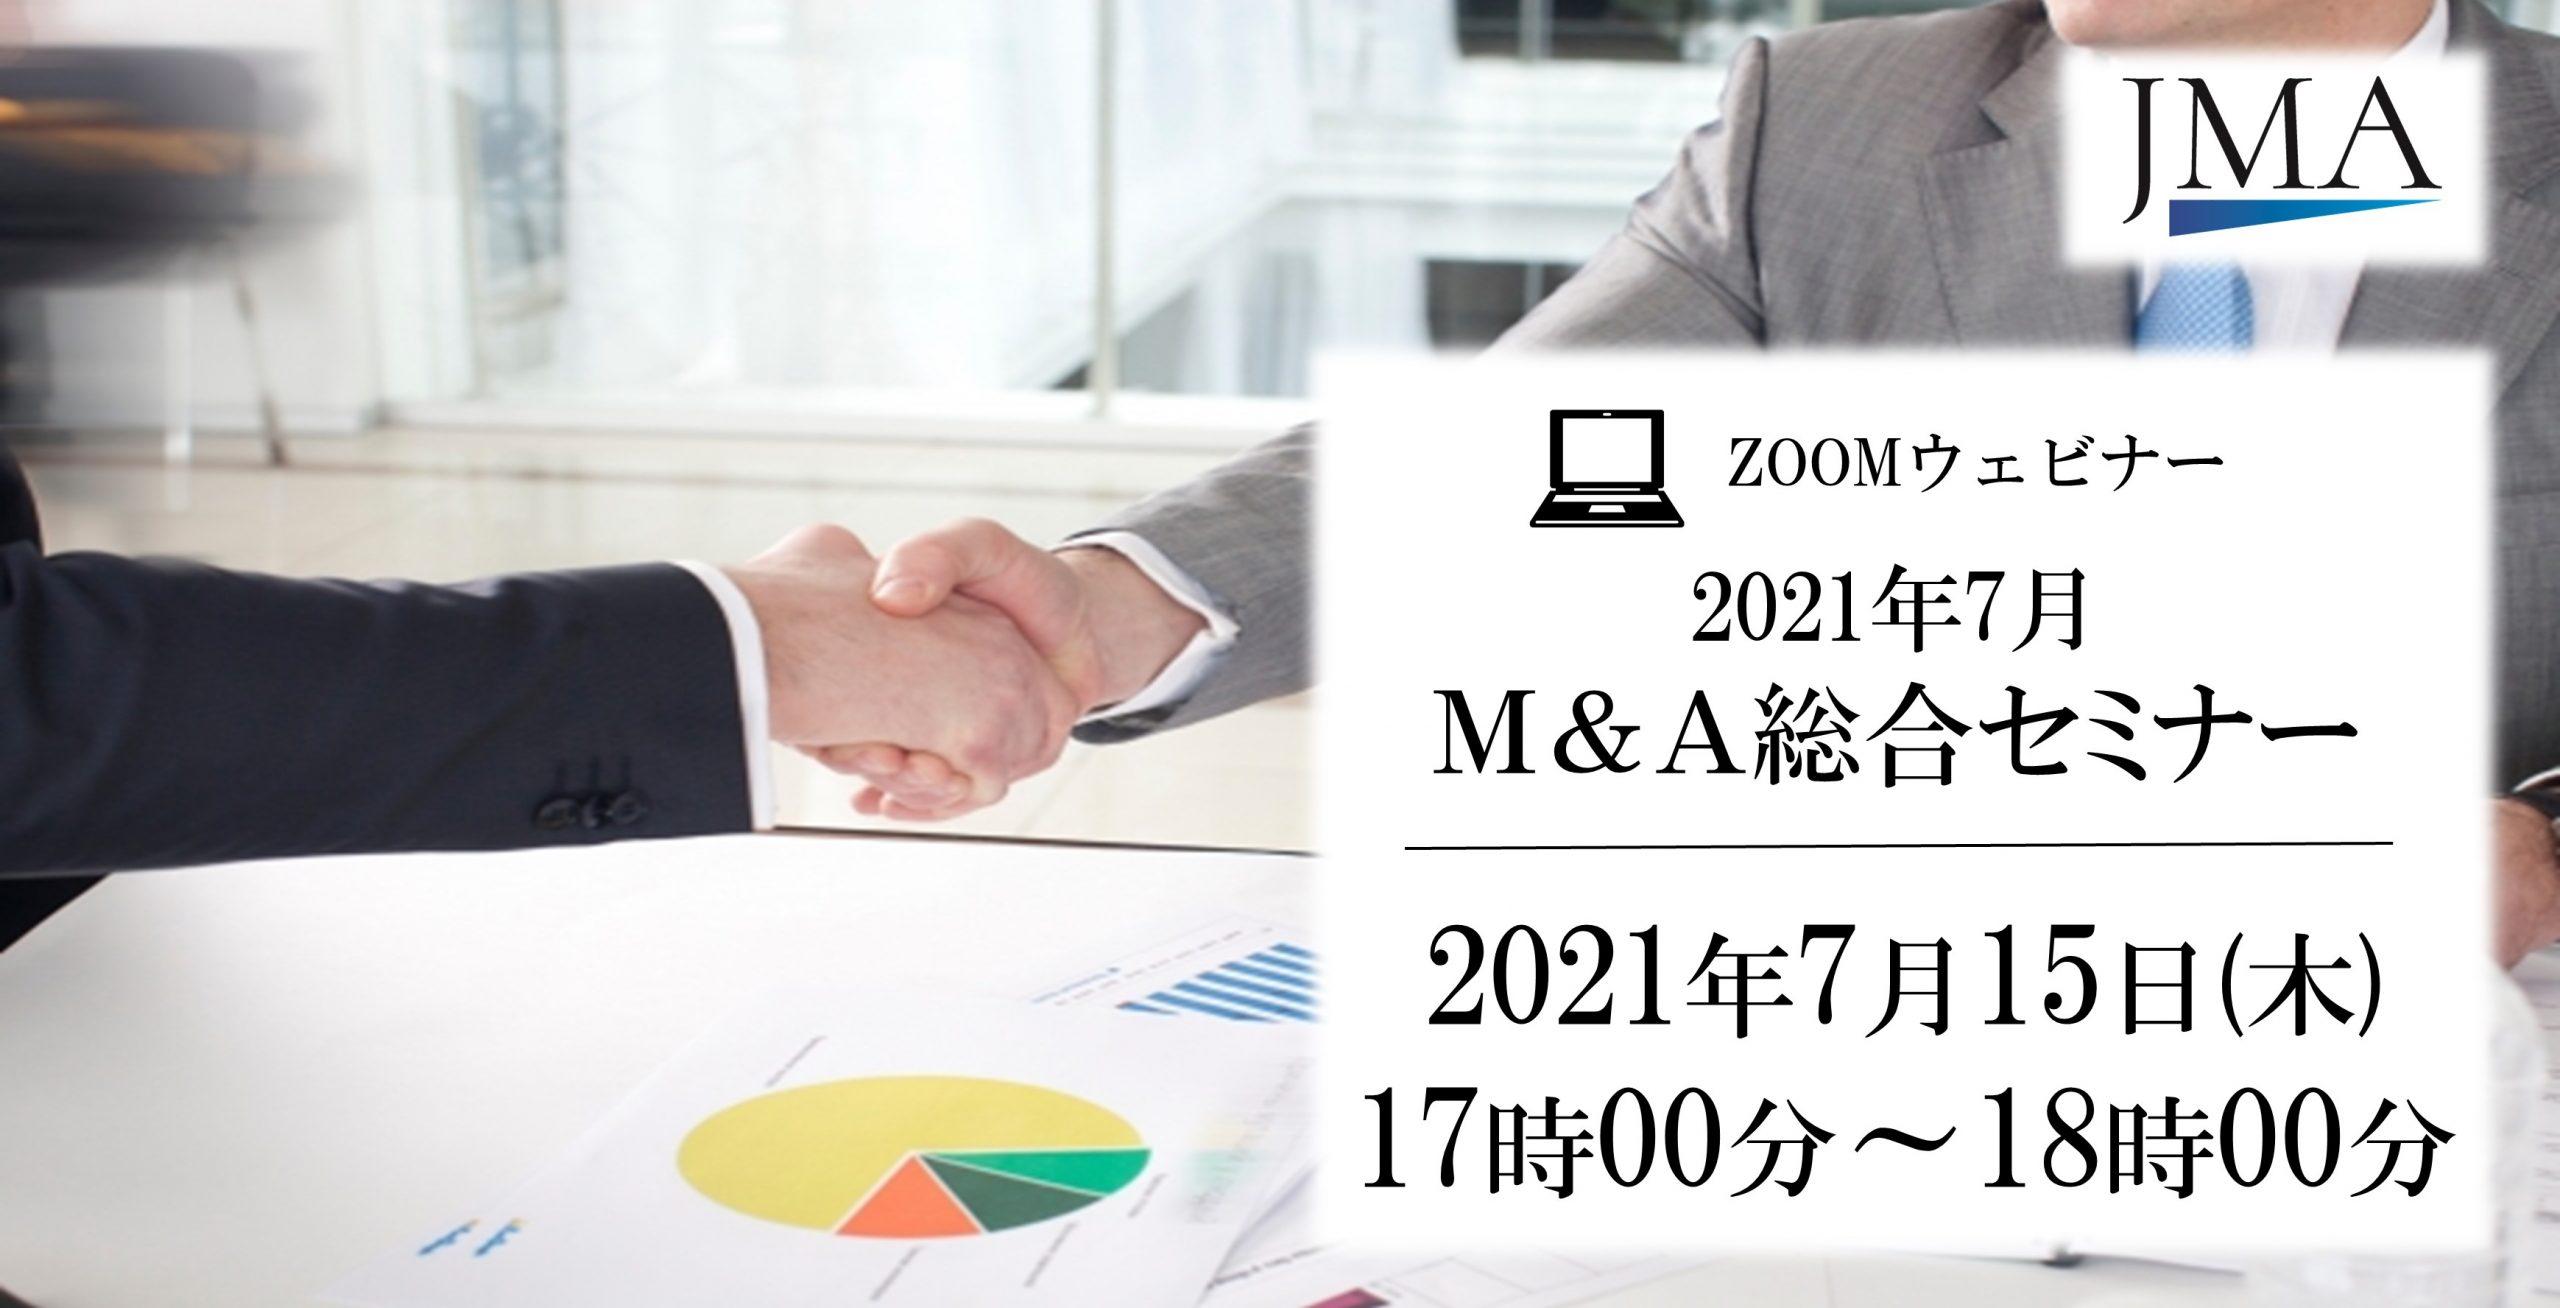 2021年7月 M&A総合セミナー「失敗しないM&Aのコツ~対象企業を見るポイント」